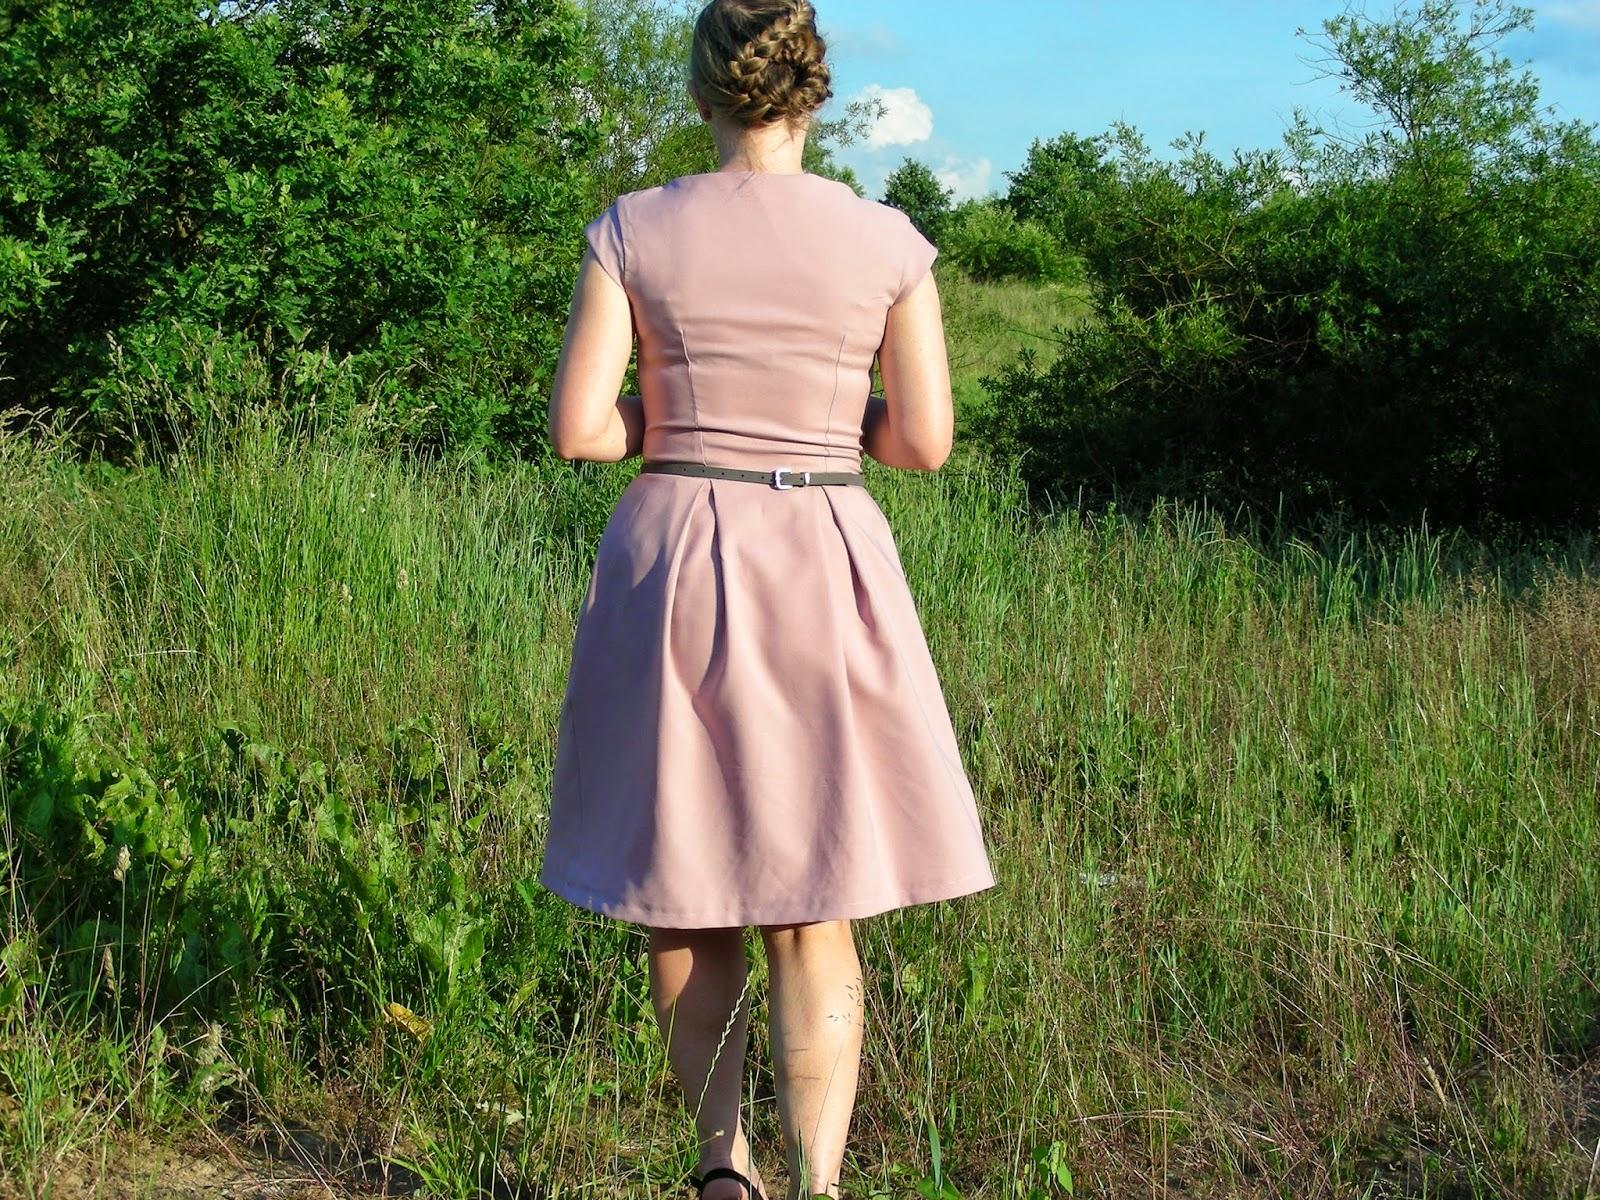 e2329495de Sukienka bez wątpienia jest legendą Burdy i hitem ostatnich lat. Teraz i ja  wiem dlaczego!Szyje się fajnie i nosi super